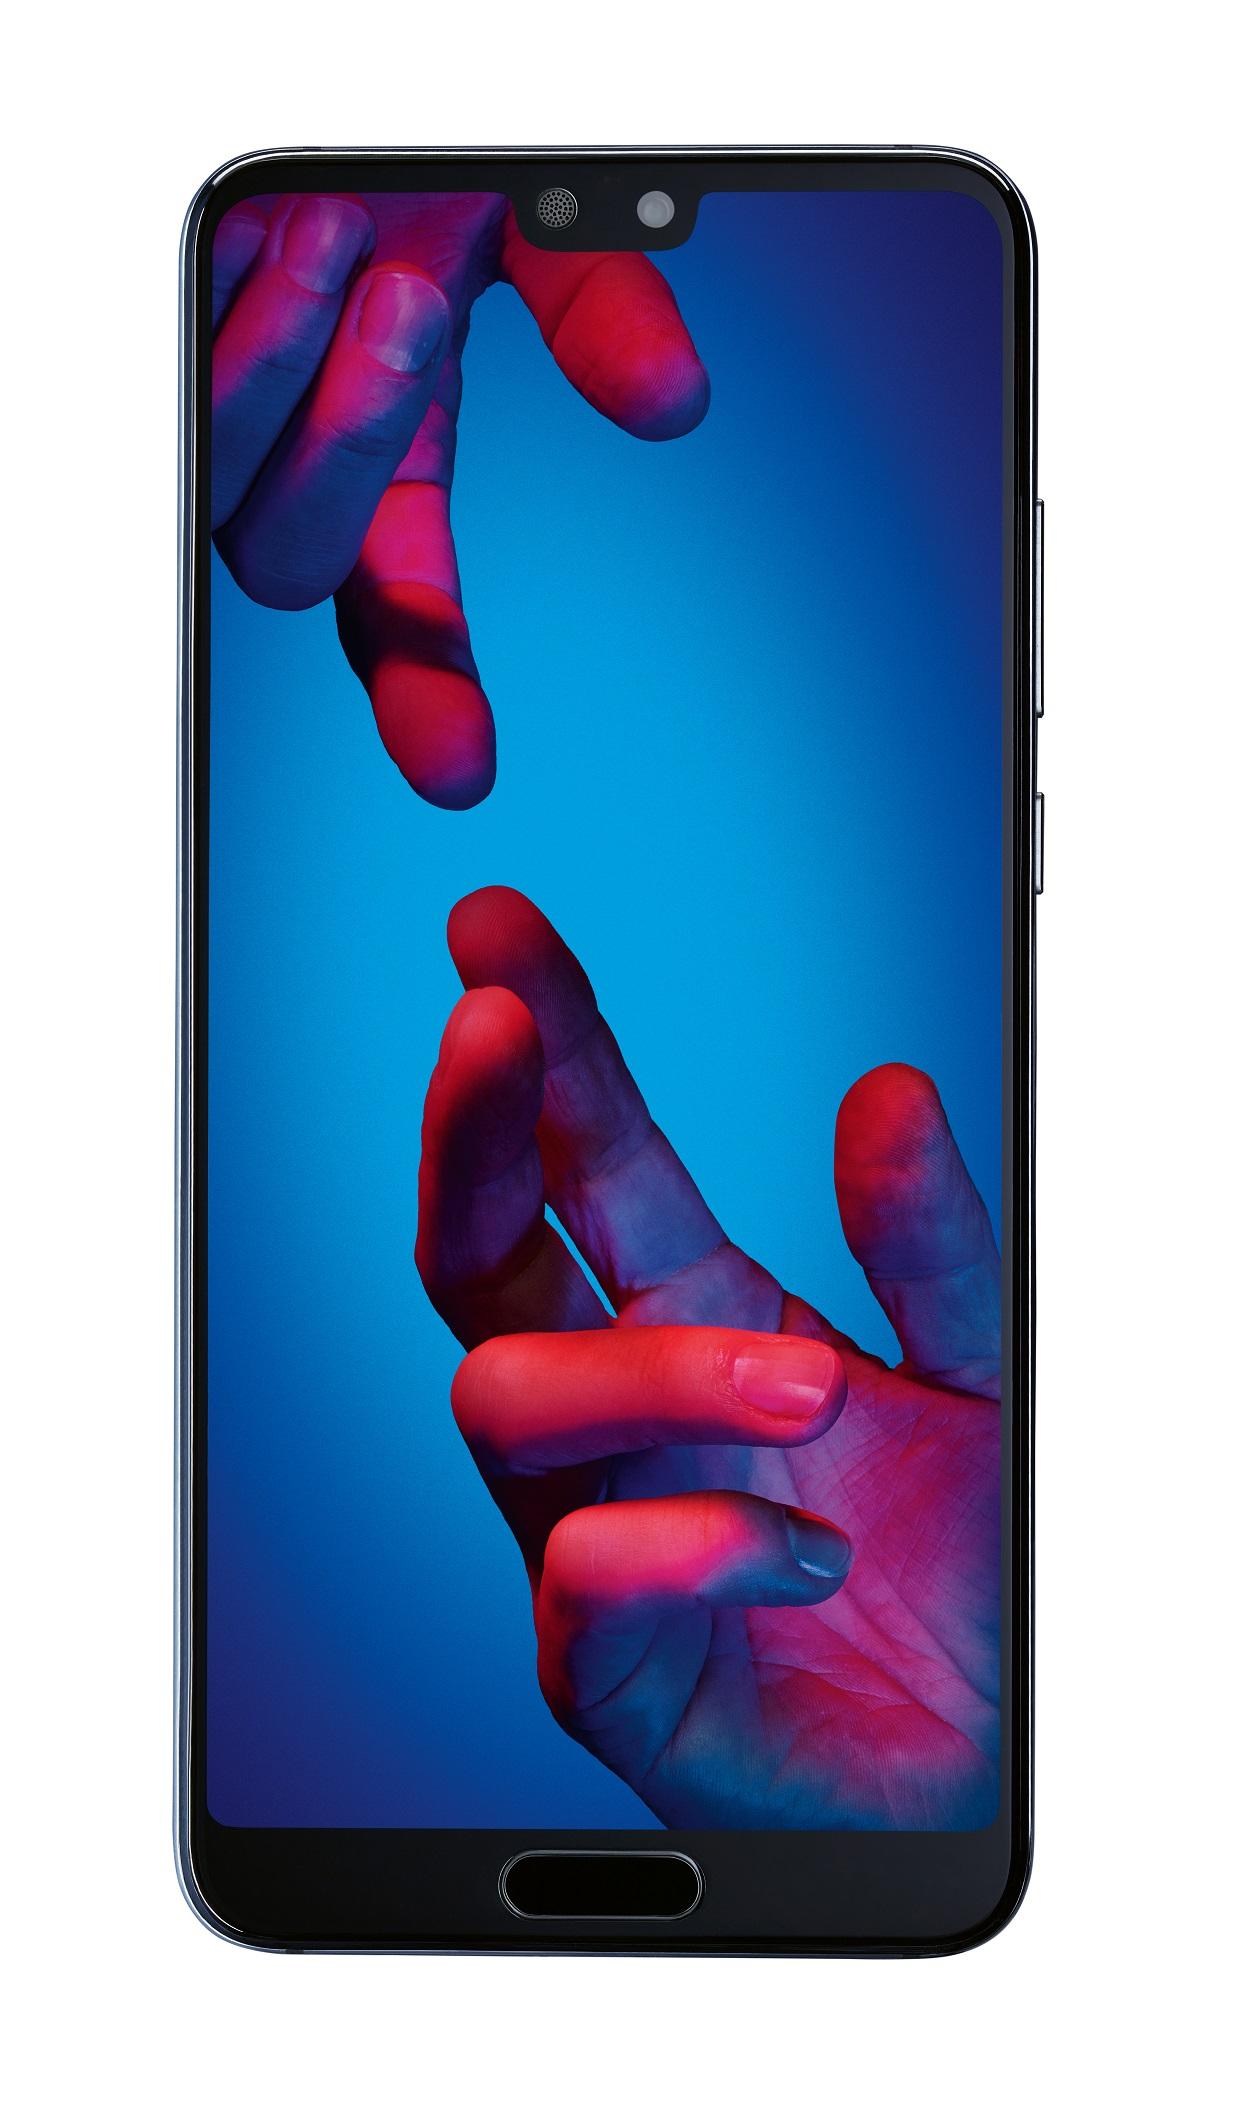 Huawei P20 Blau 128GB NFC 14,7 cm (5,8 Zoll) USB-C 20 MP Android 8.1 BRANDNEU